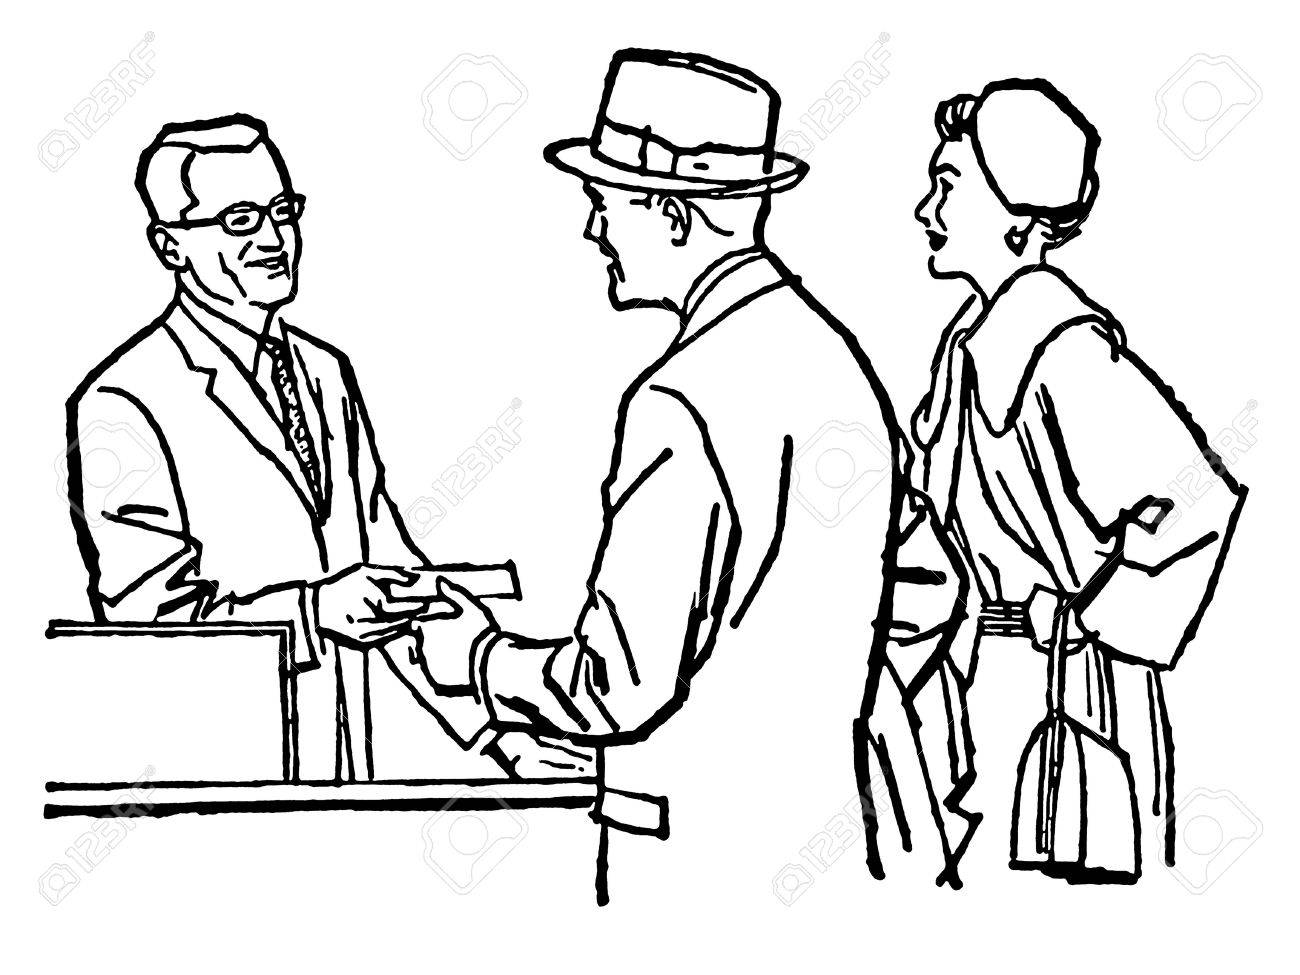 Silhouette People Talking At Getdrawings